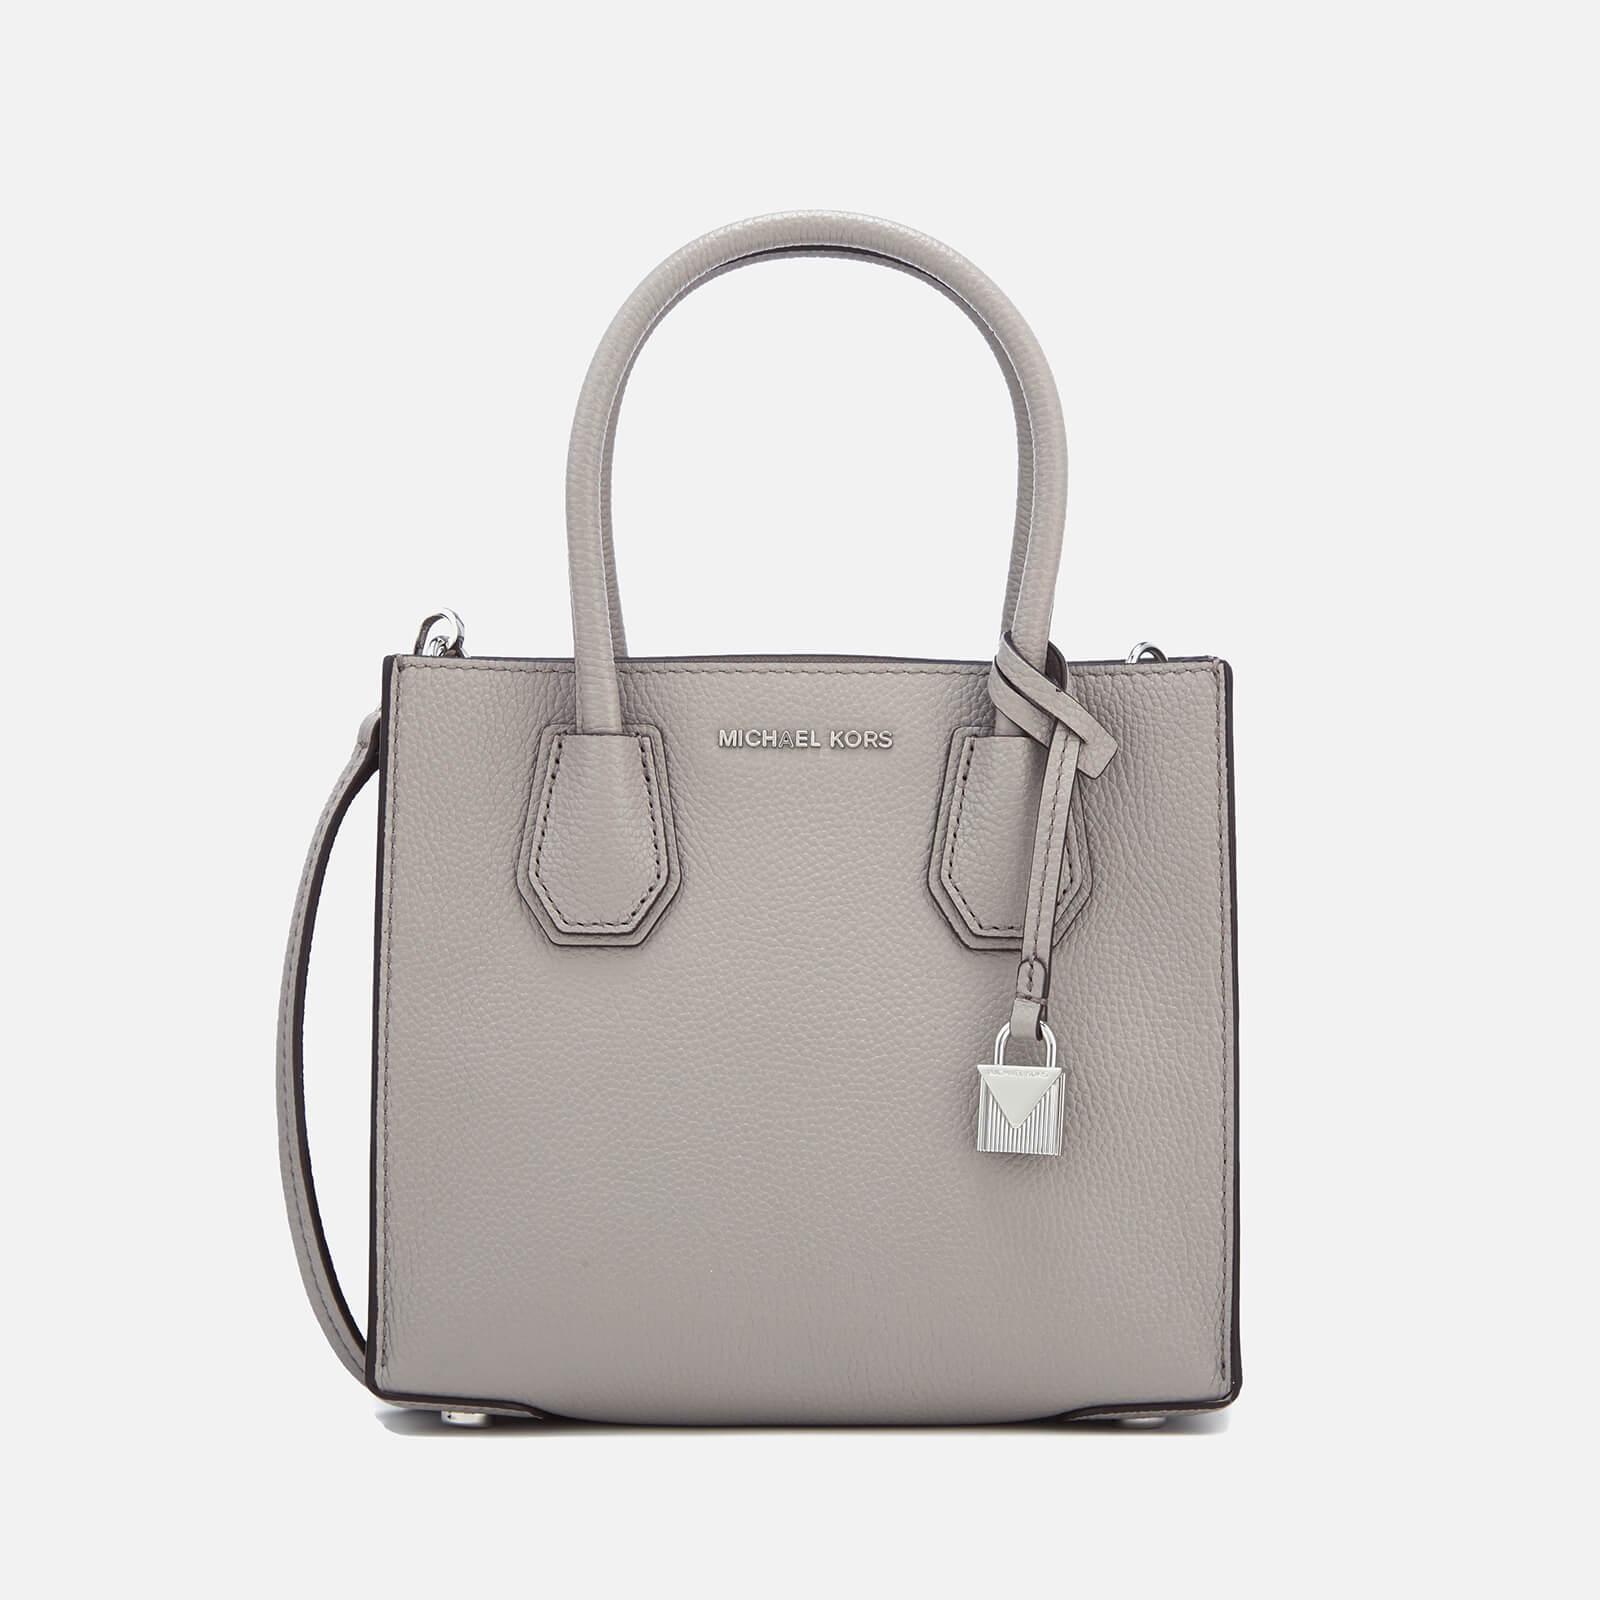 MICHAEL MICHAEL KORS Women s Mercer Medium Tote Bag - Pearl Grey ... 8d24024124